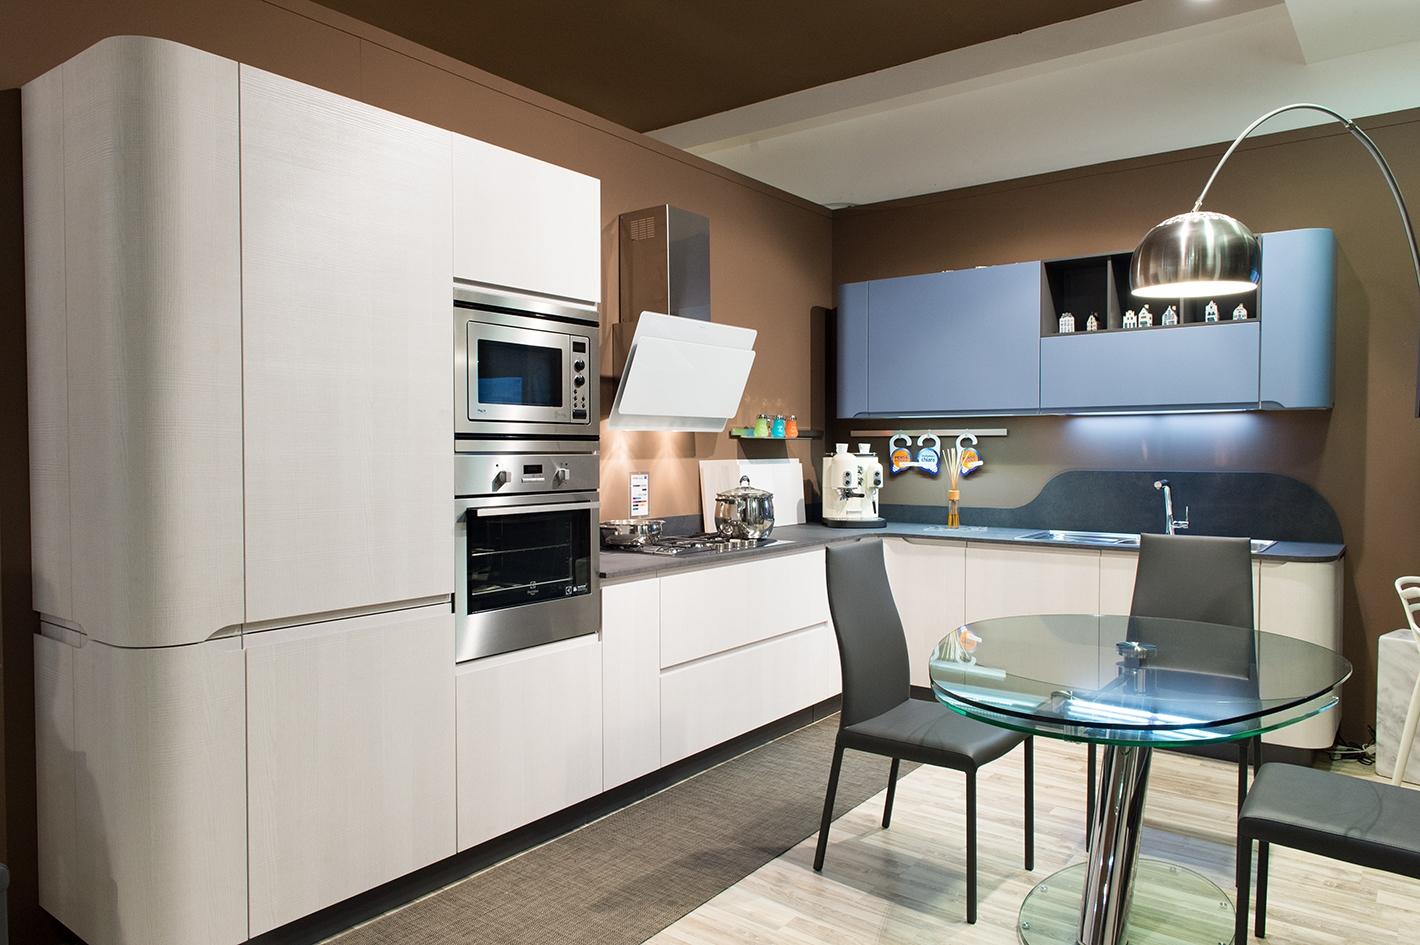 Cucina stosa mod bring completa di elettrodomestici for Cucina elettrodomestico